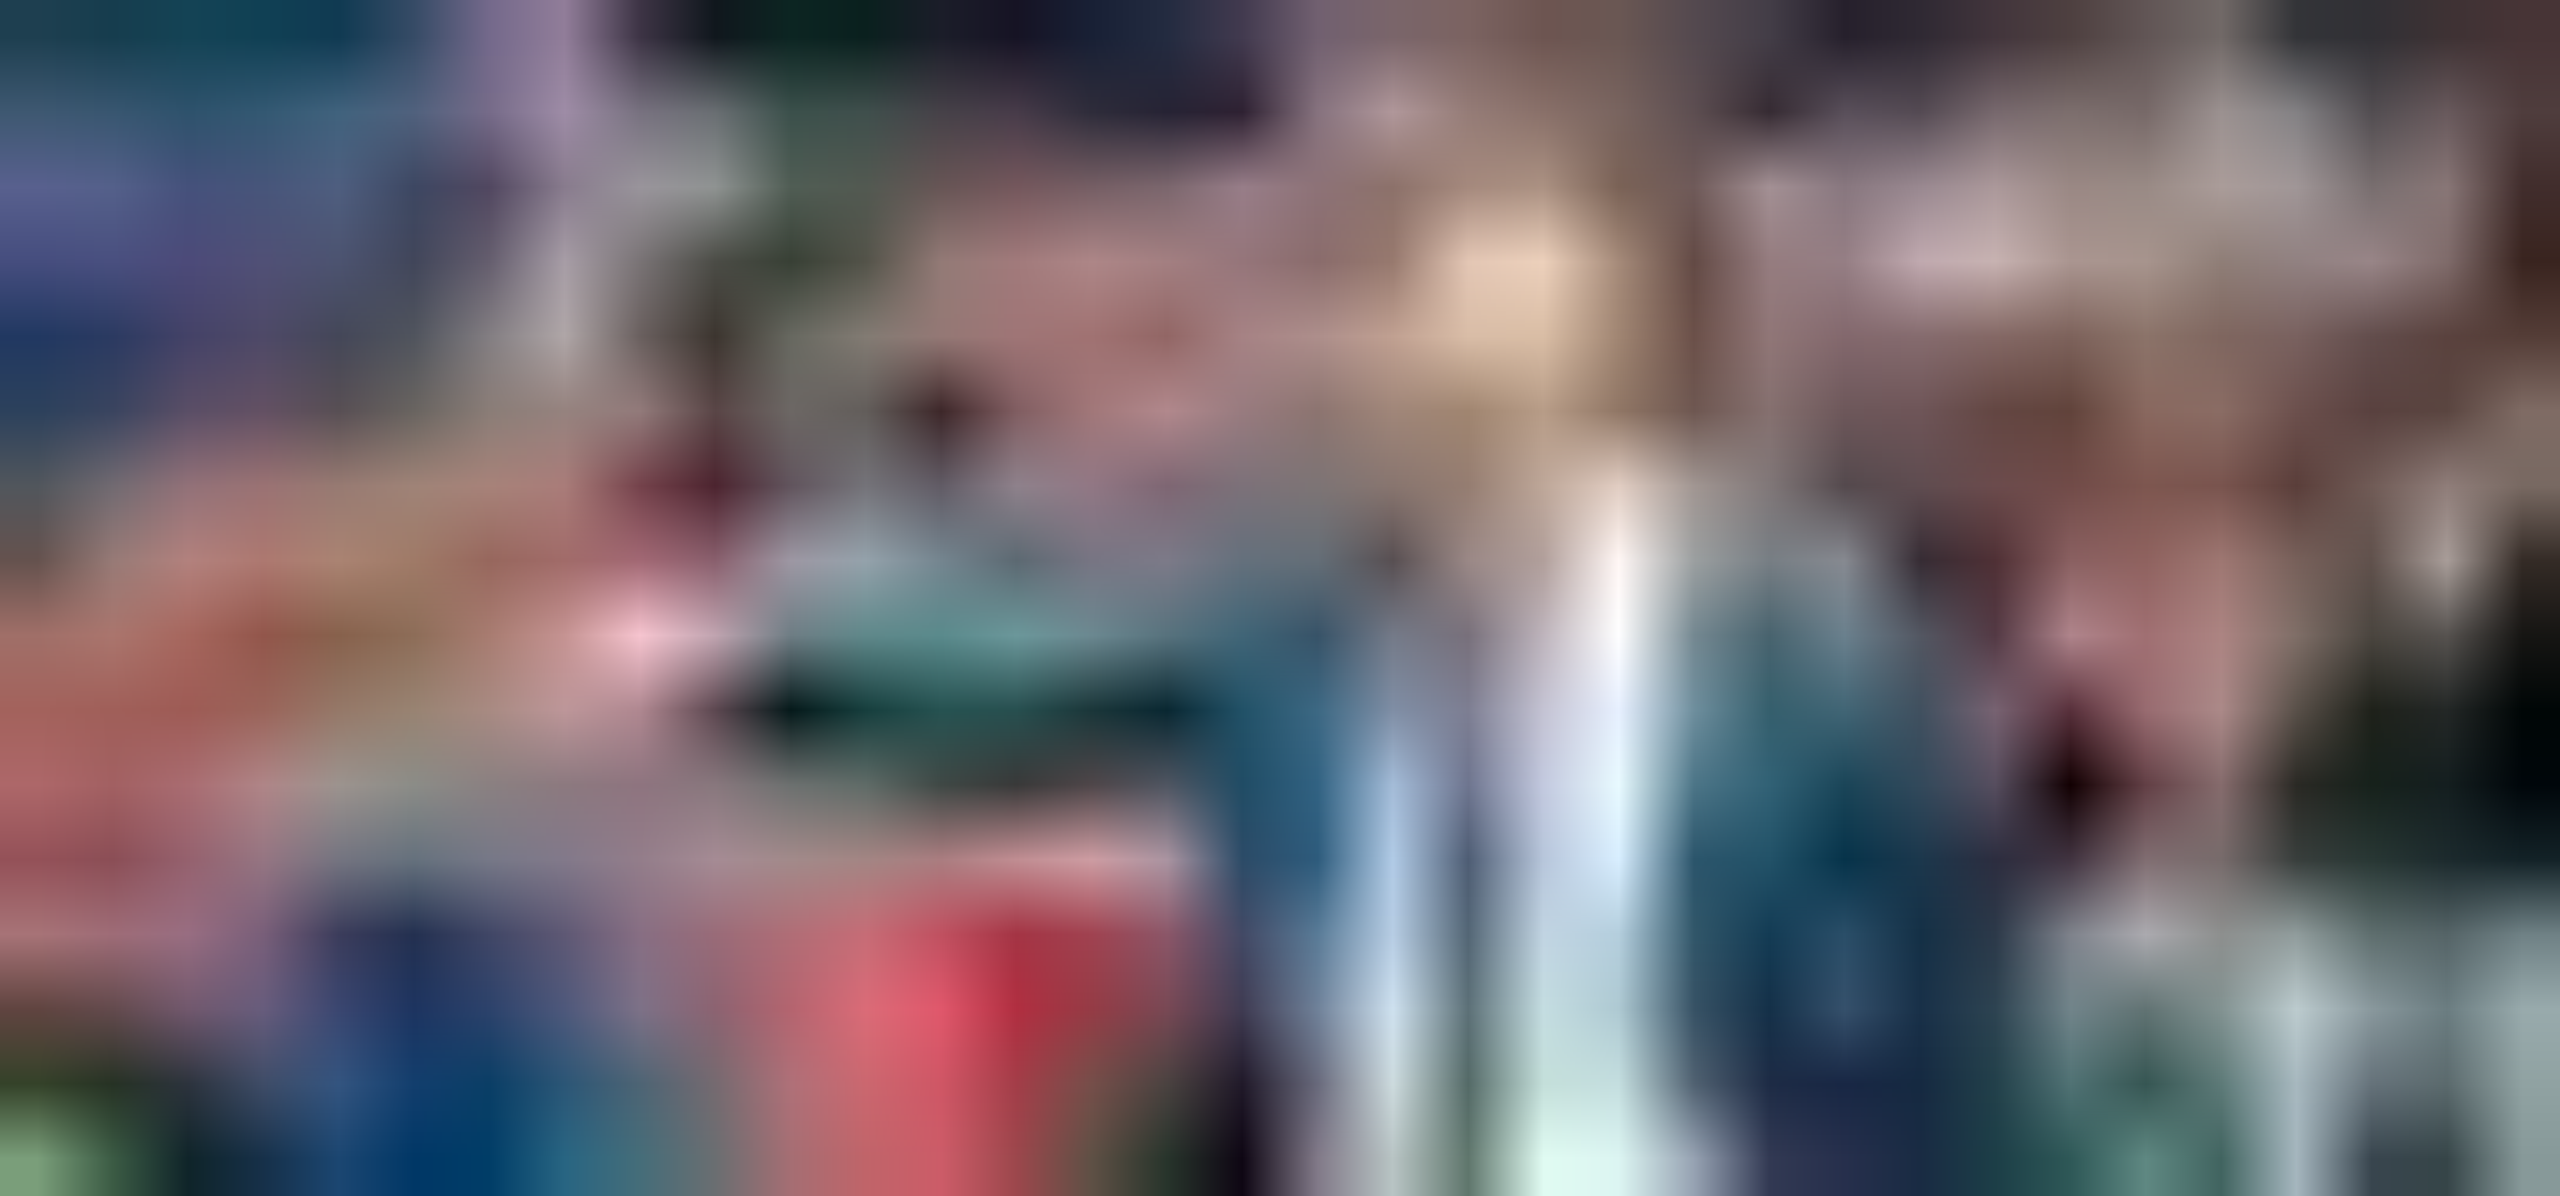 Fußball: Salzburg setzt im CL-Hit beim FC Bayern auf Lerneffekt